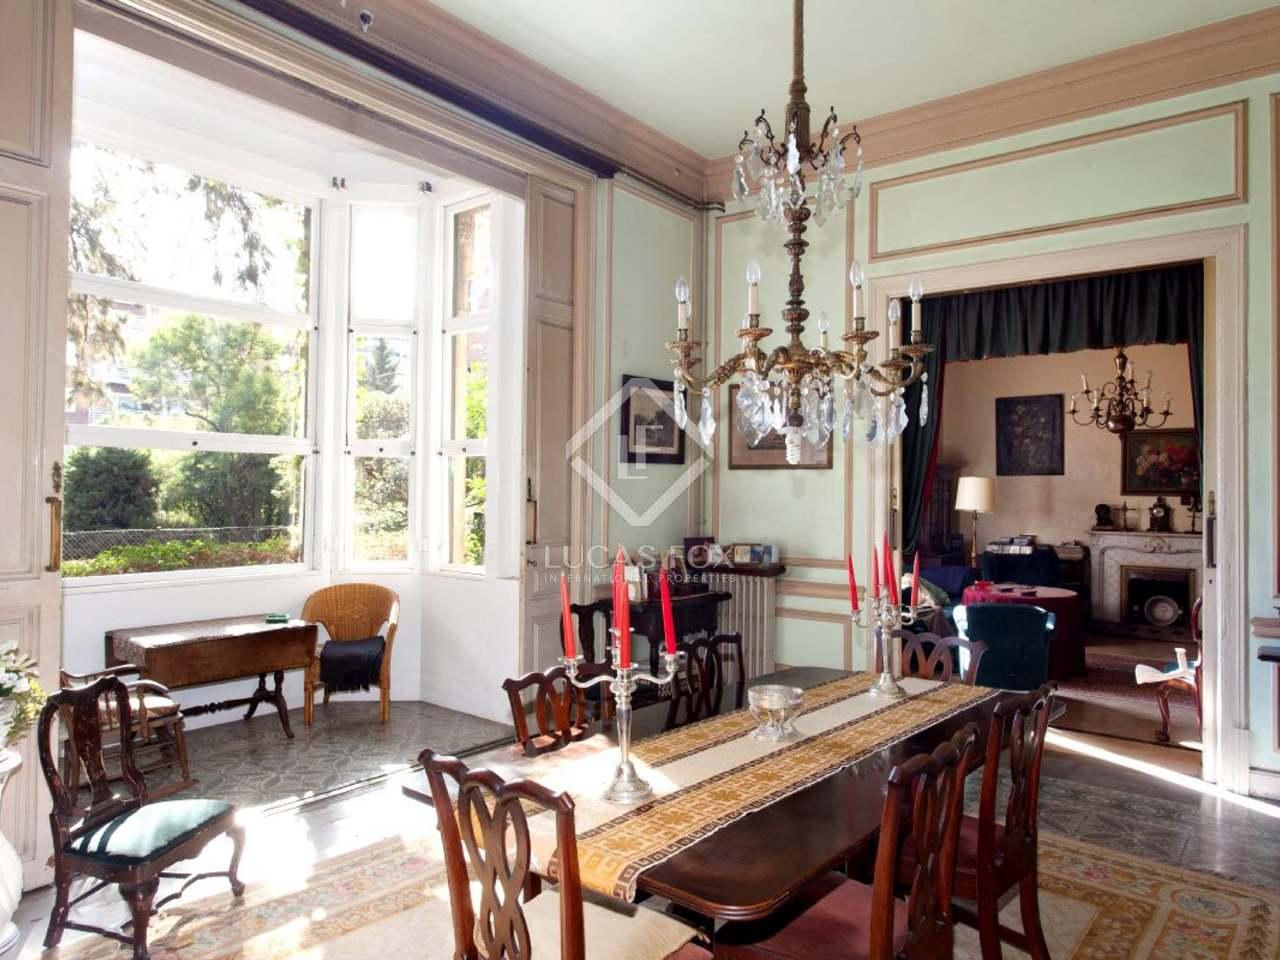 Maison de style anglais avec l ments modernistes en vente - Maison de style anglais ...